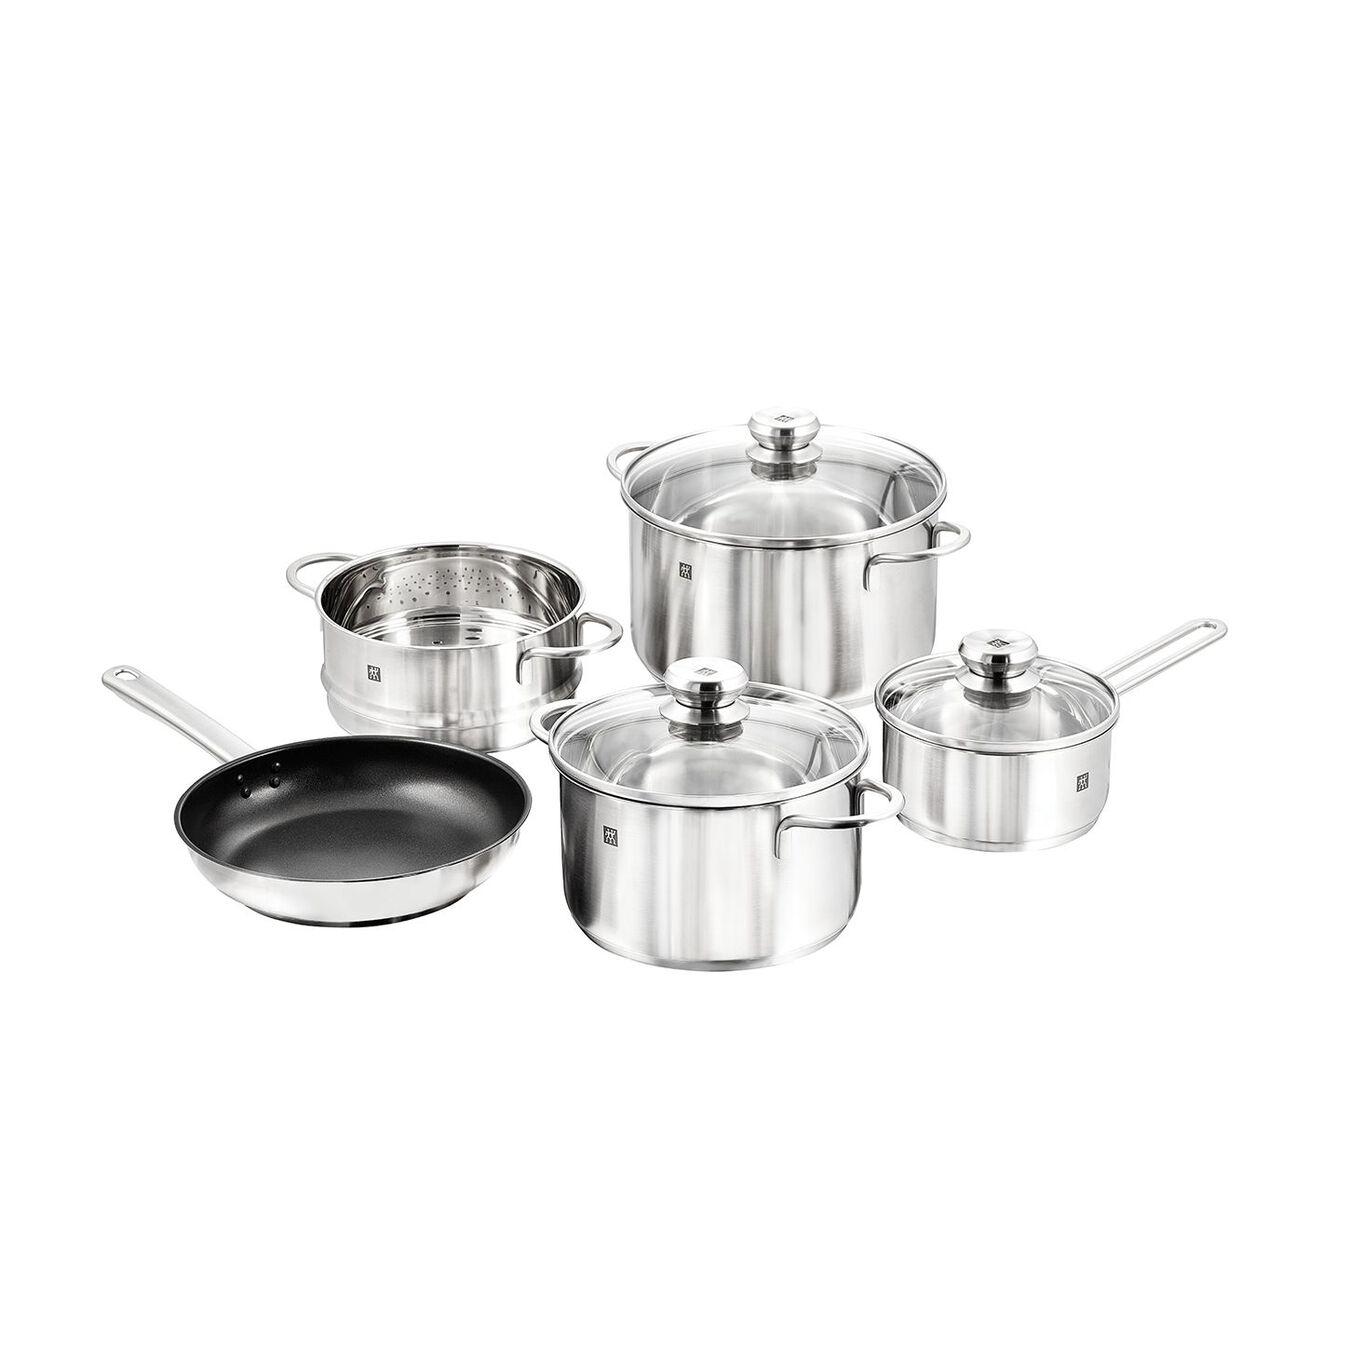 8-pcs 18/10 Stainless Steel Ensemble de casseroles et poêles,,large 1